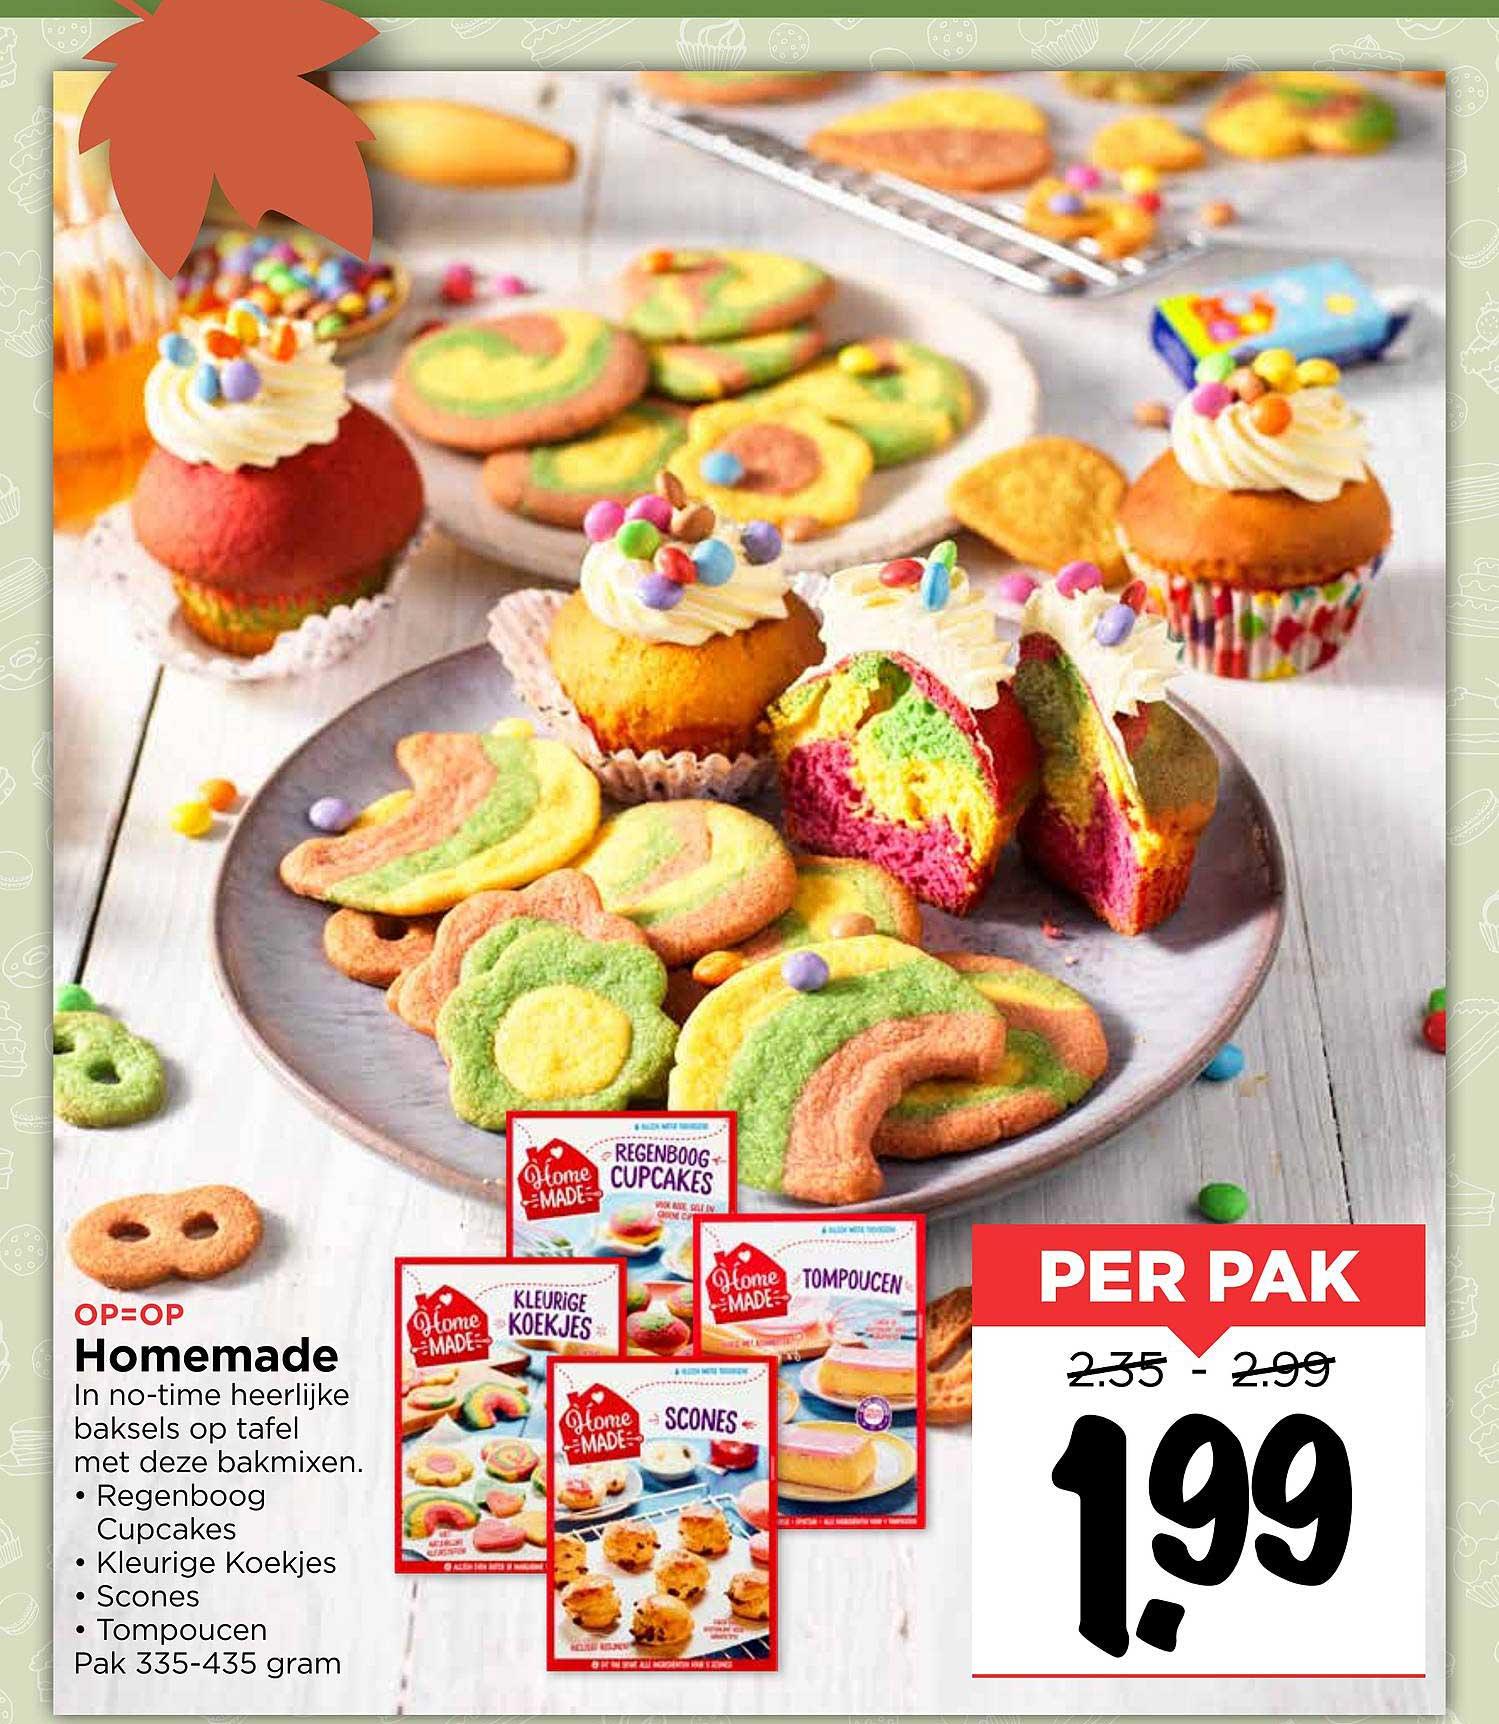 Vomar Homemade Regenboog Cupcakes, Kleurige Koekjes, Scones Of Tompoucen